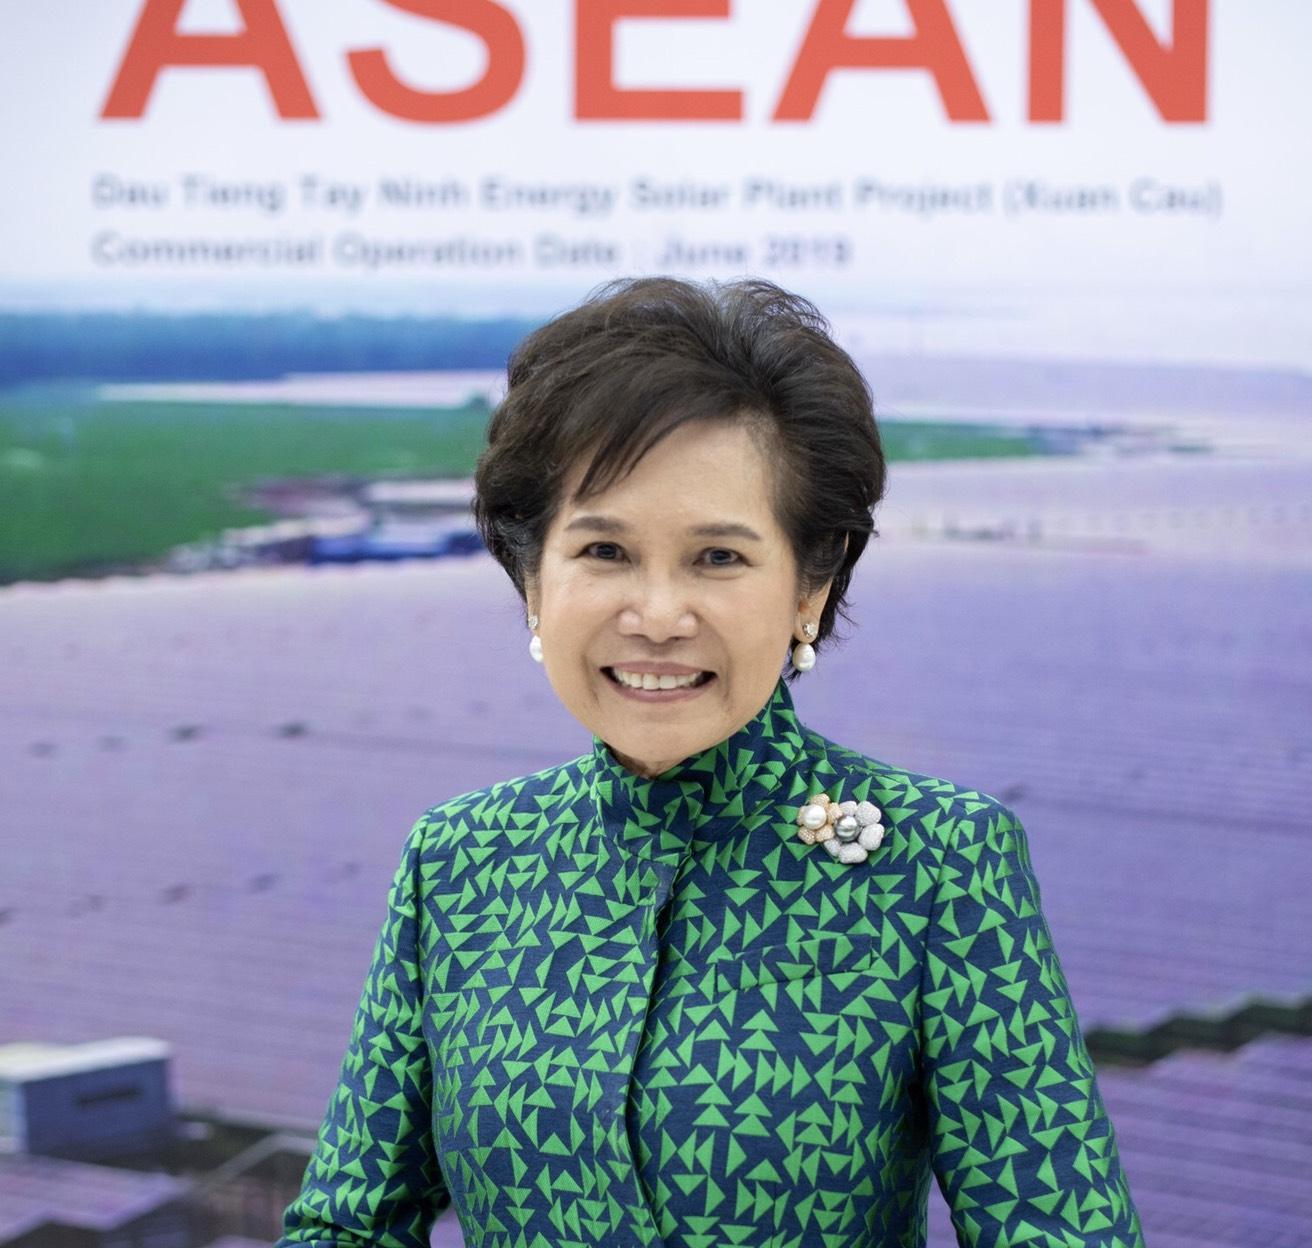 BGRIMโกยกำไร9เดือนแรก 1.9พันล้าน เร่งศึกษาโรงไฟฟ้า-นำเข้าLNGในเวียดนาม